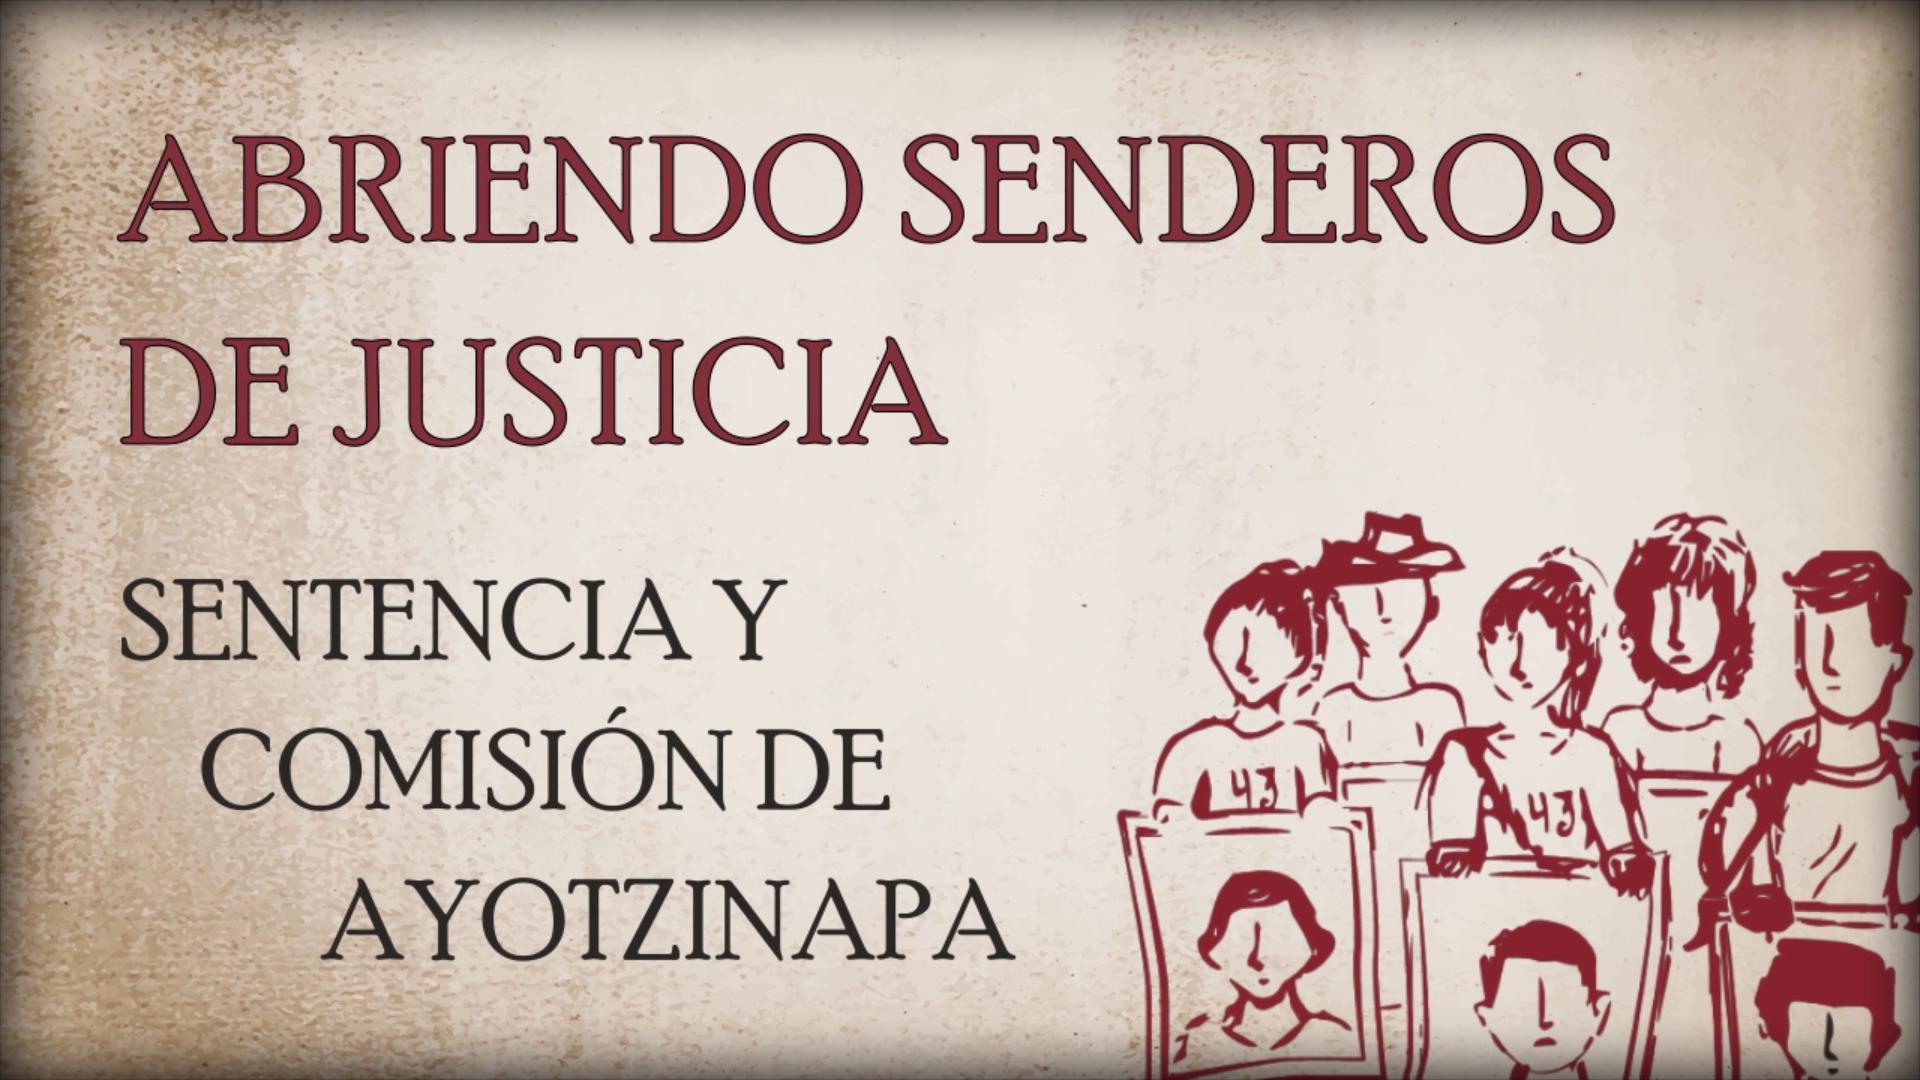 """Portada documental """"Abriendo Senderos de Justicia. Sentencia y Comisión de Ayotzinapa"""""""